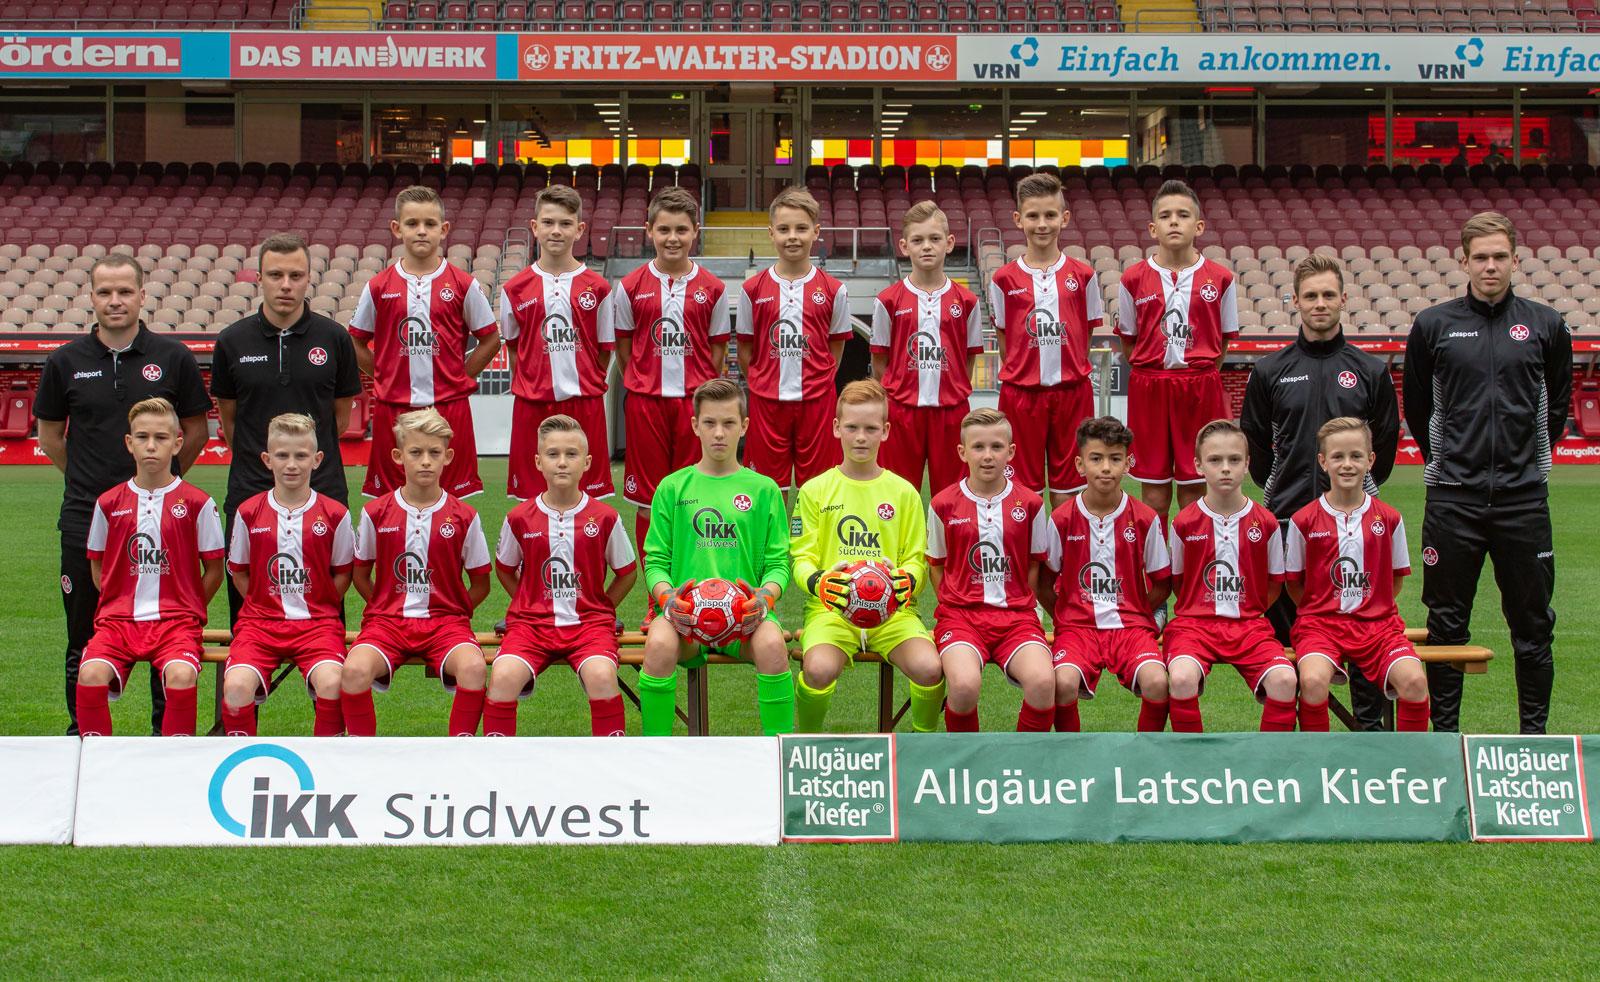 Mannschaftsfoto der FCK-U12 in der Saison 2018/19